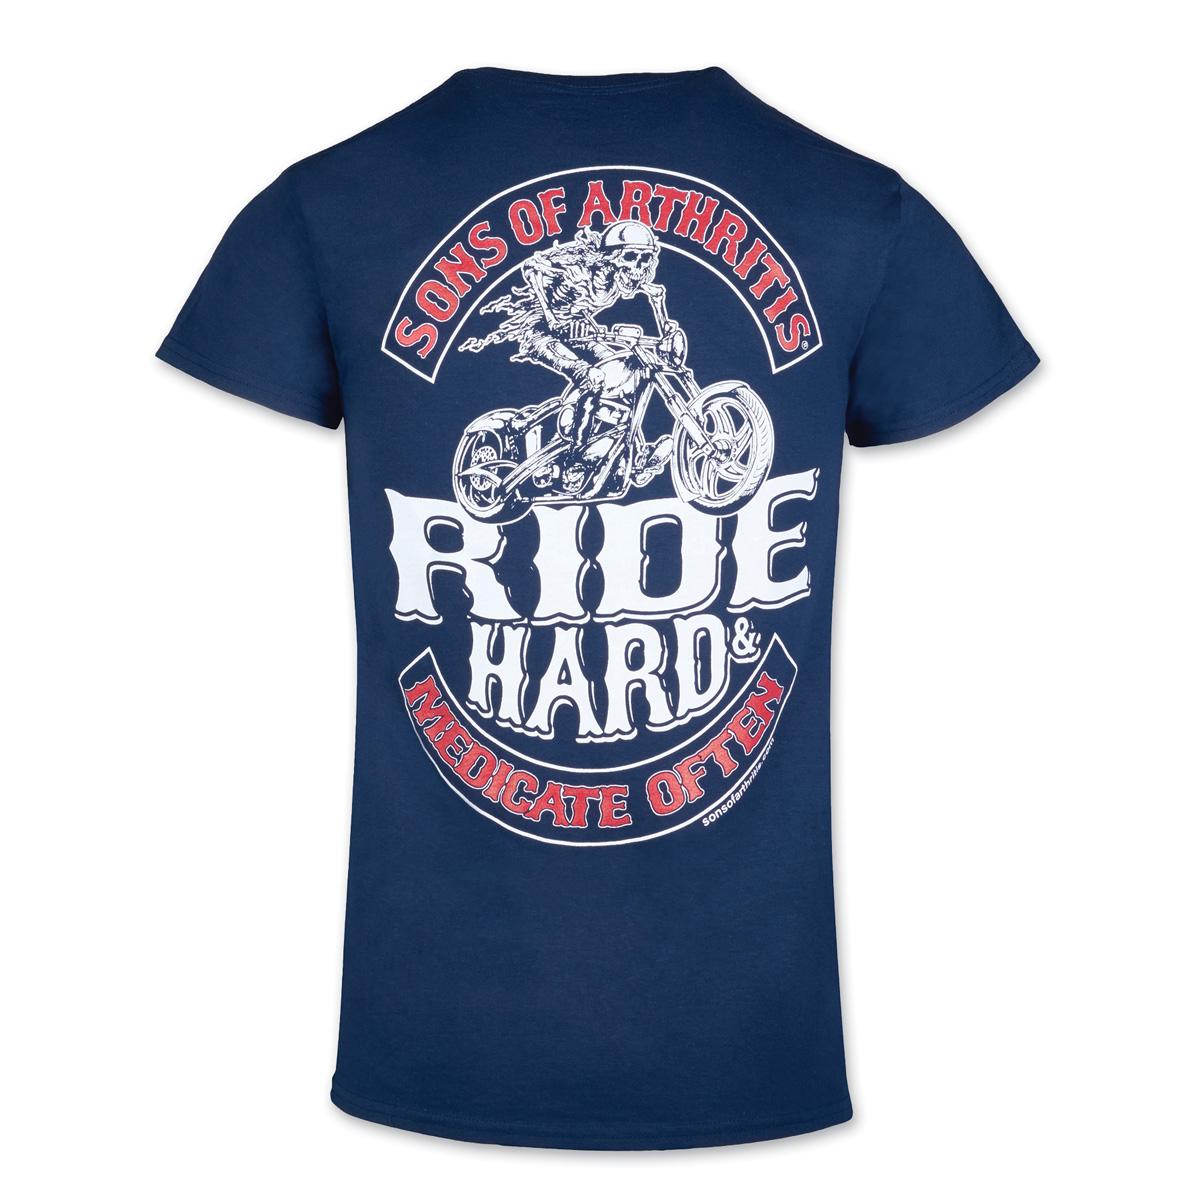 Sons of Arthritis Men's Medicate Often Navy T-Shirt